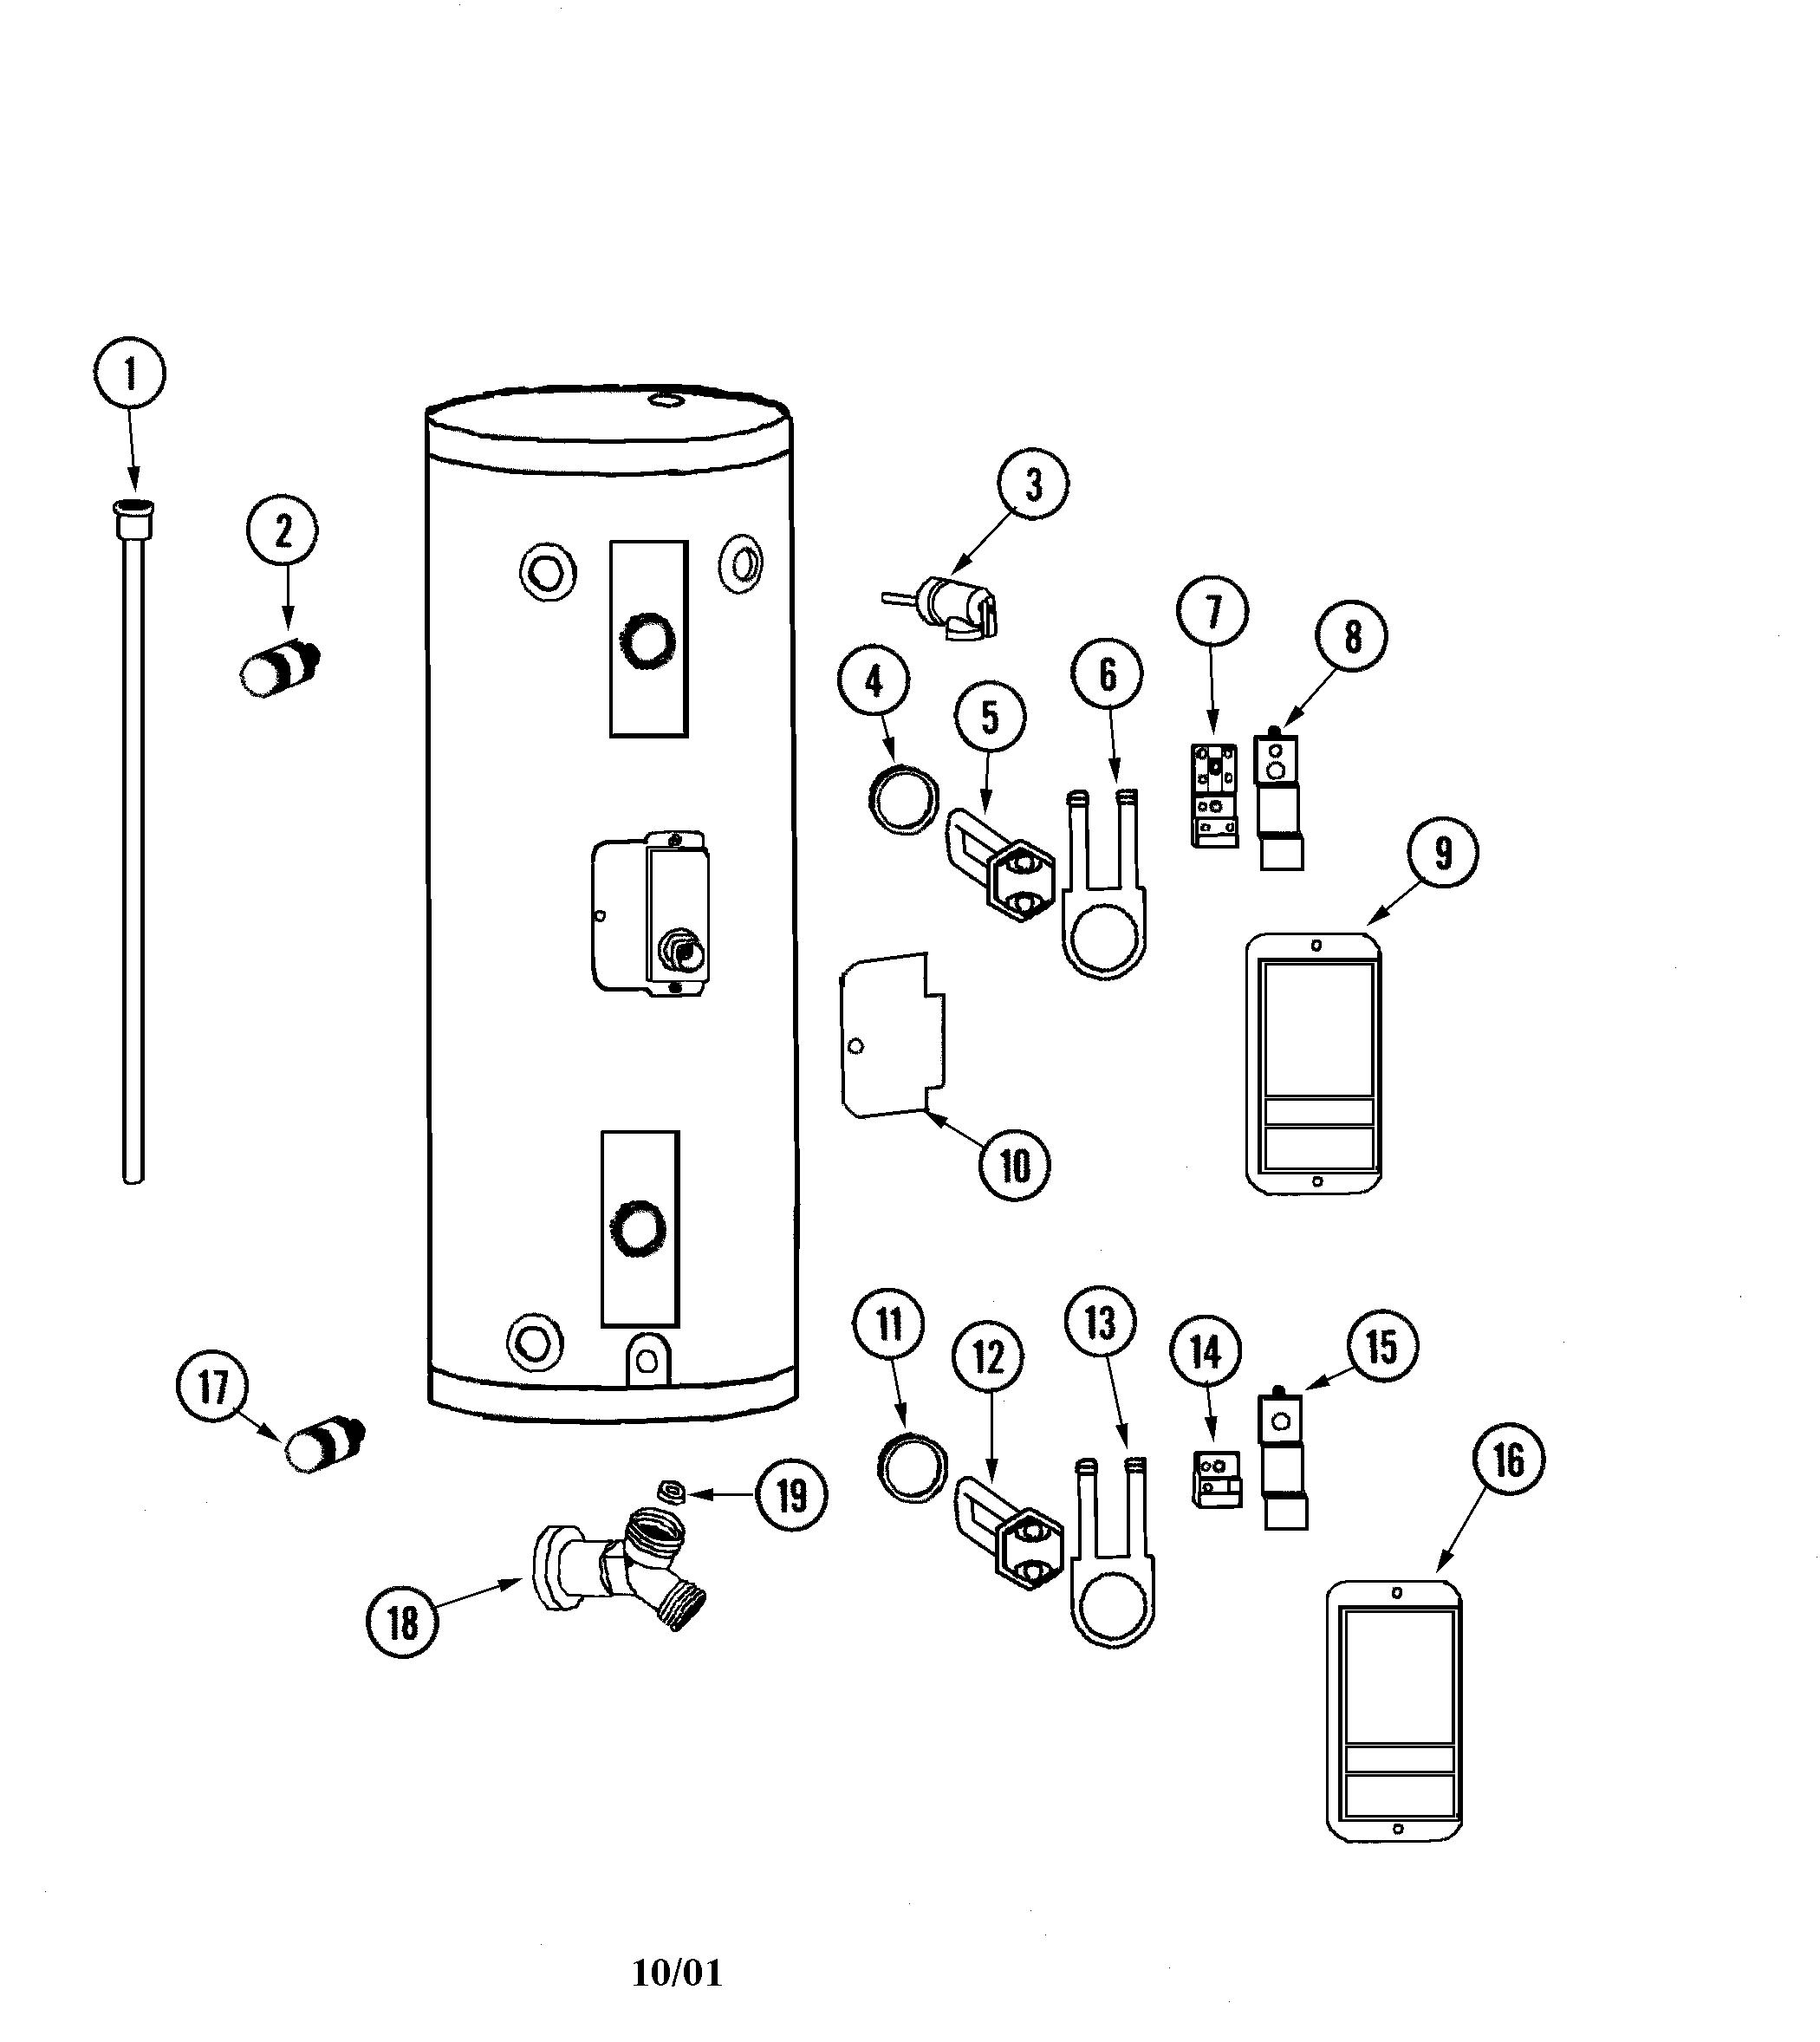 century mig welder model 20511